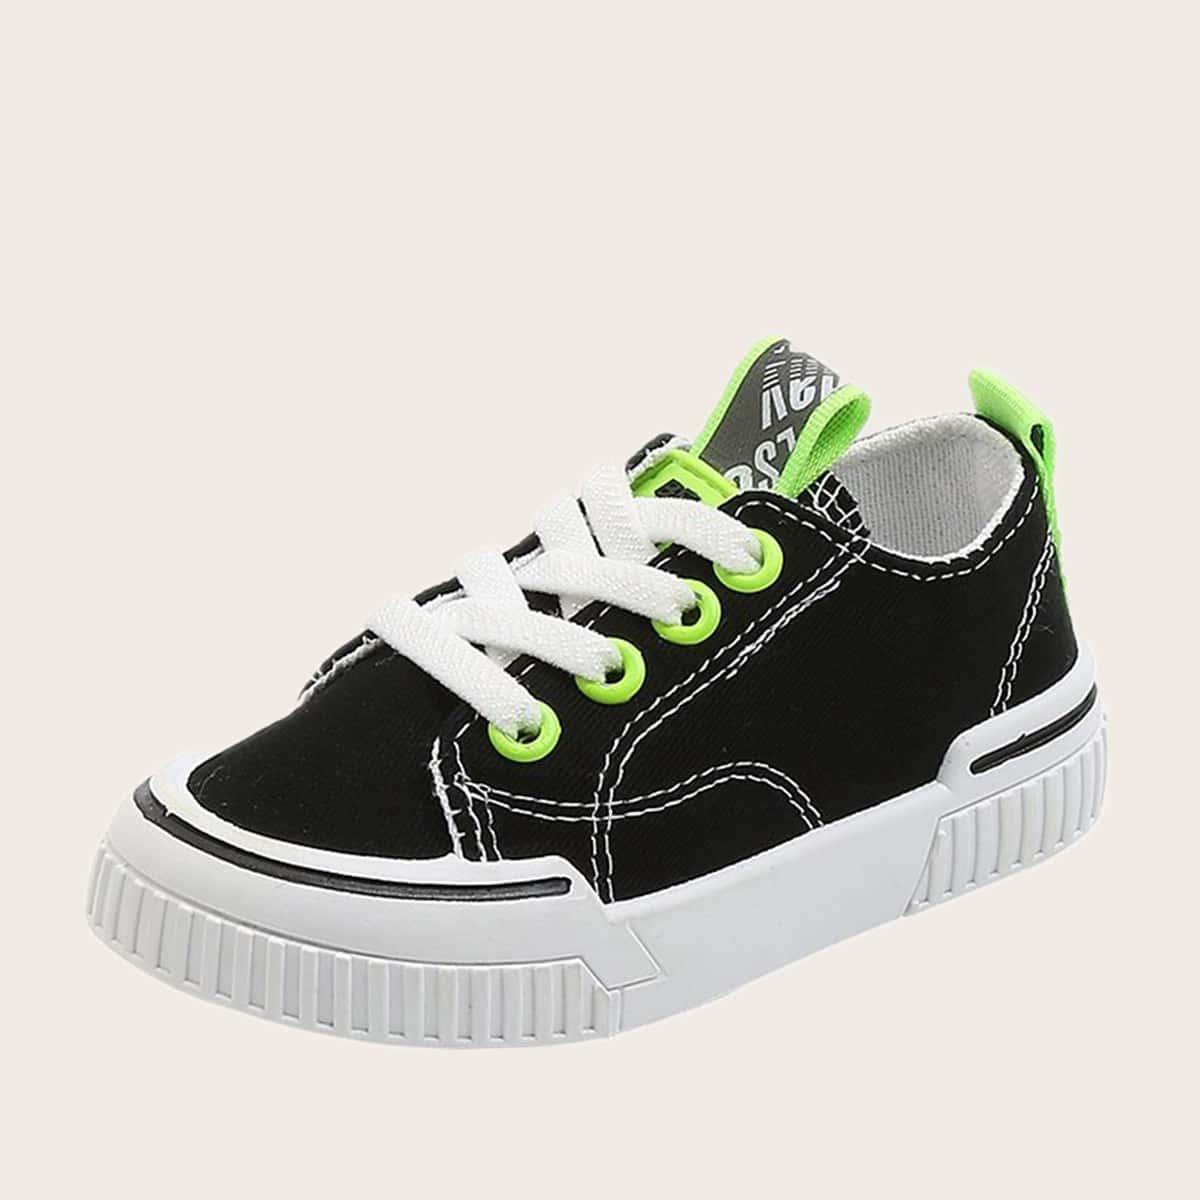 Холщовые туфли на шнурках для девочек от SHEIN